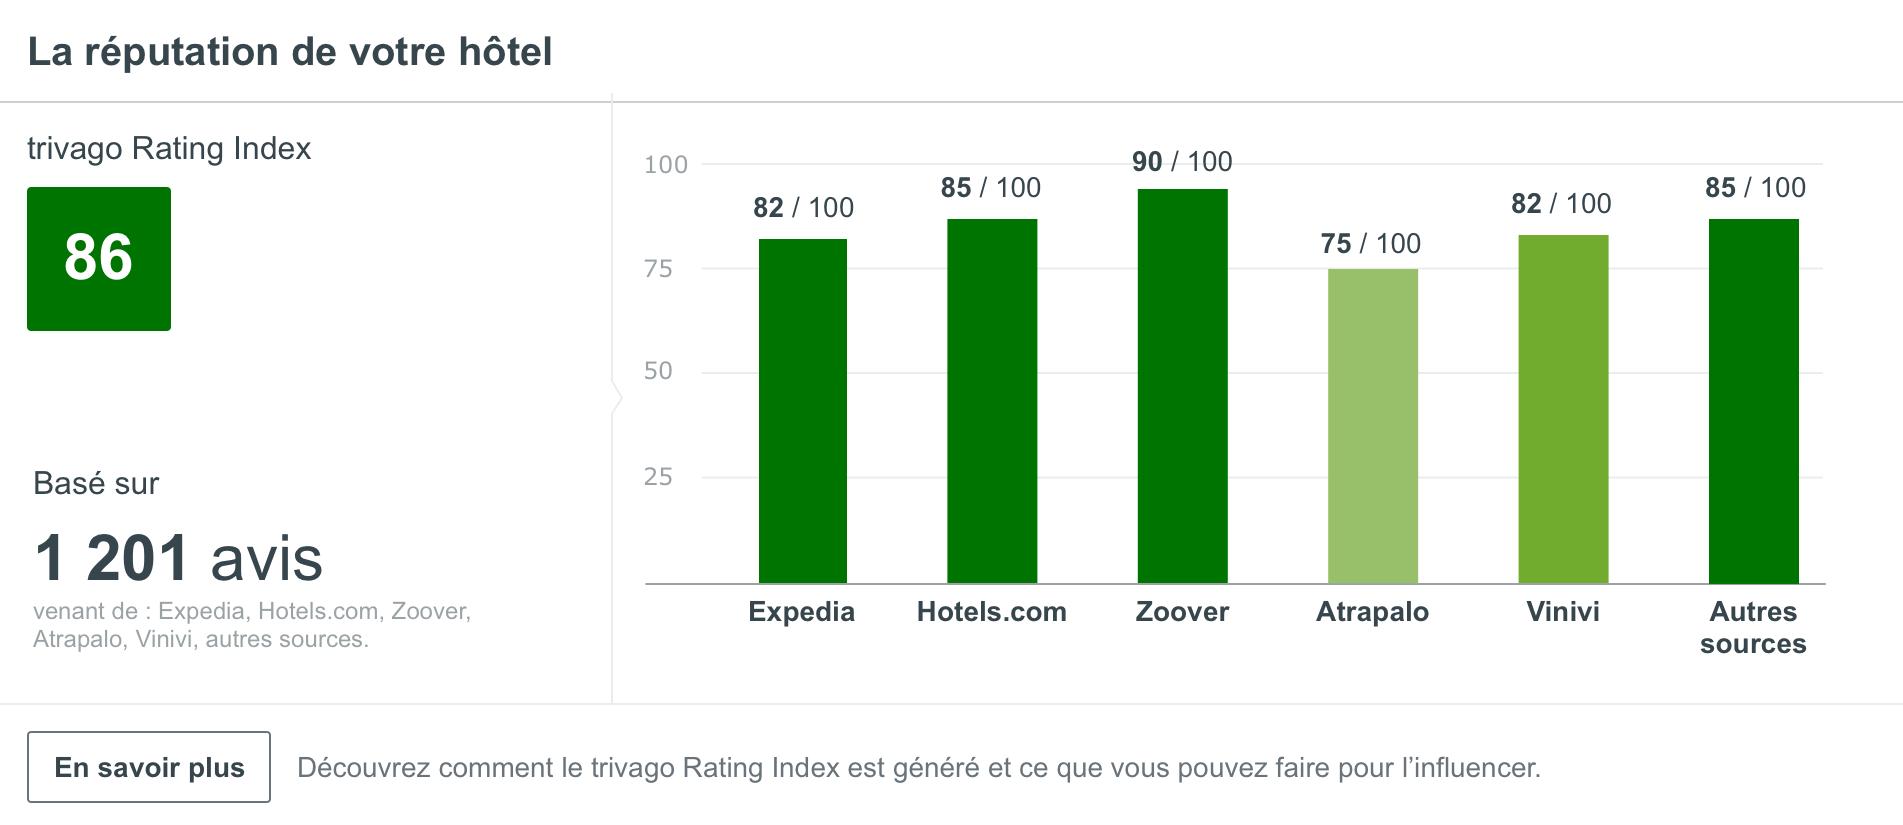 Une capture d'écran de la page réputation sur trivago Hotel Manager